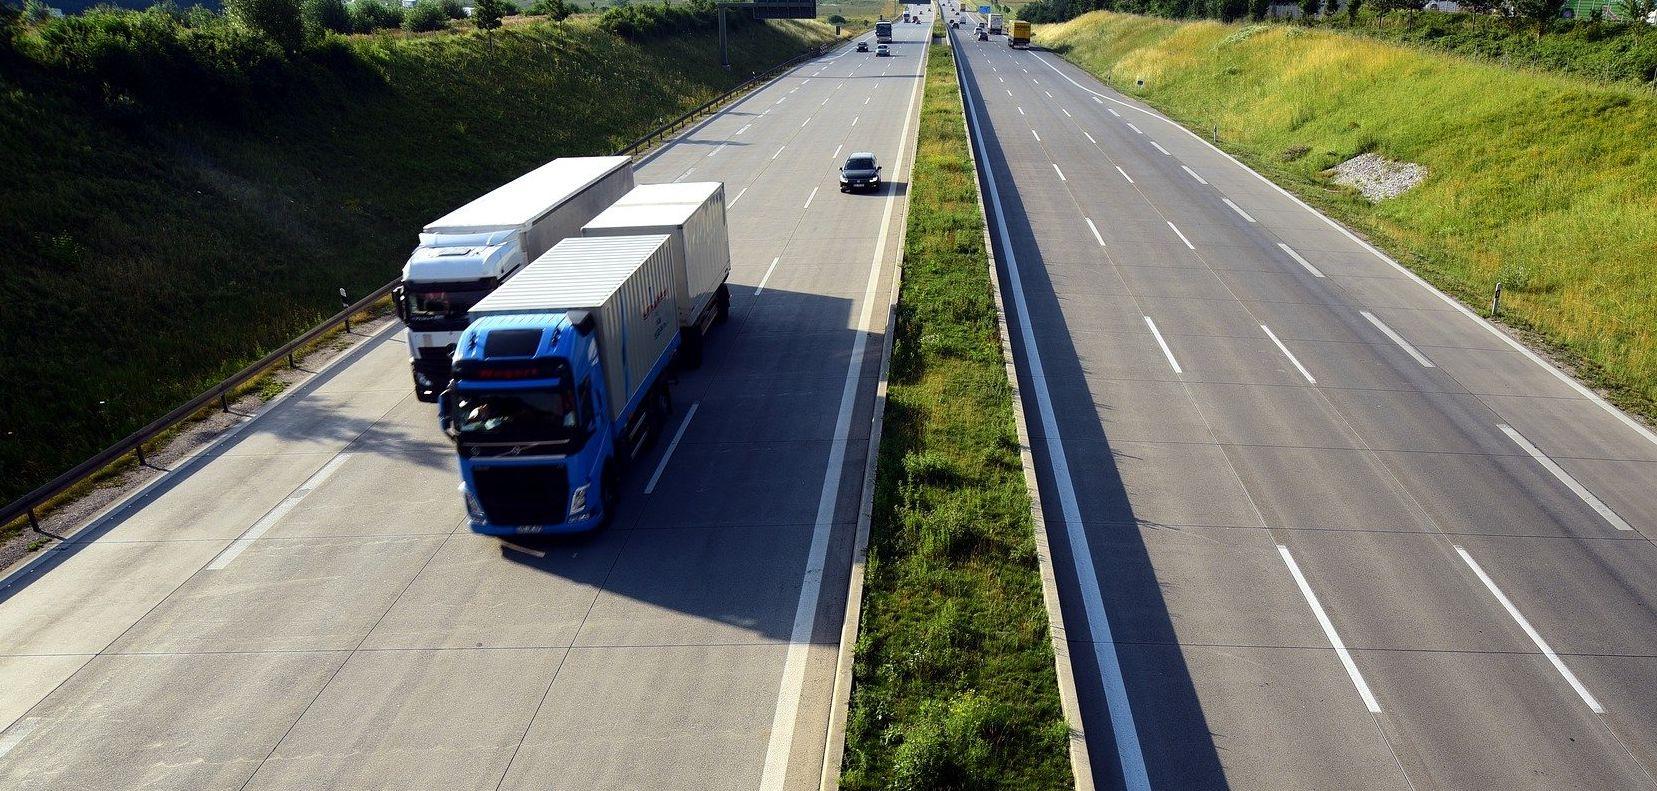 Spodobał im się zakaz wyprzedzania przez ciężarówki. Zaczęło się od jednej drogi, wkrótce tak będzie na wszystkich autostradach